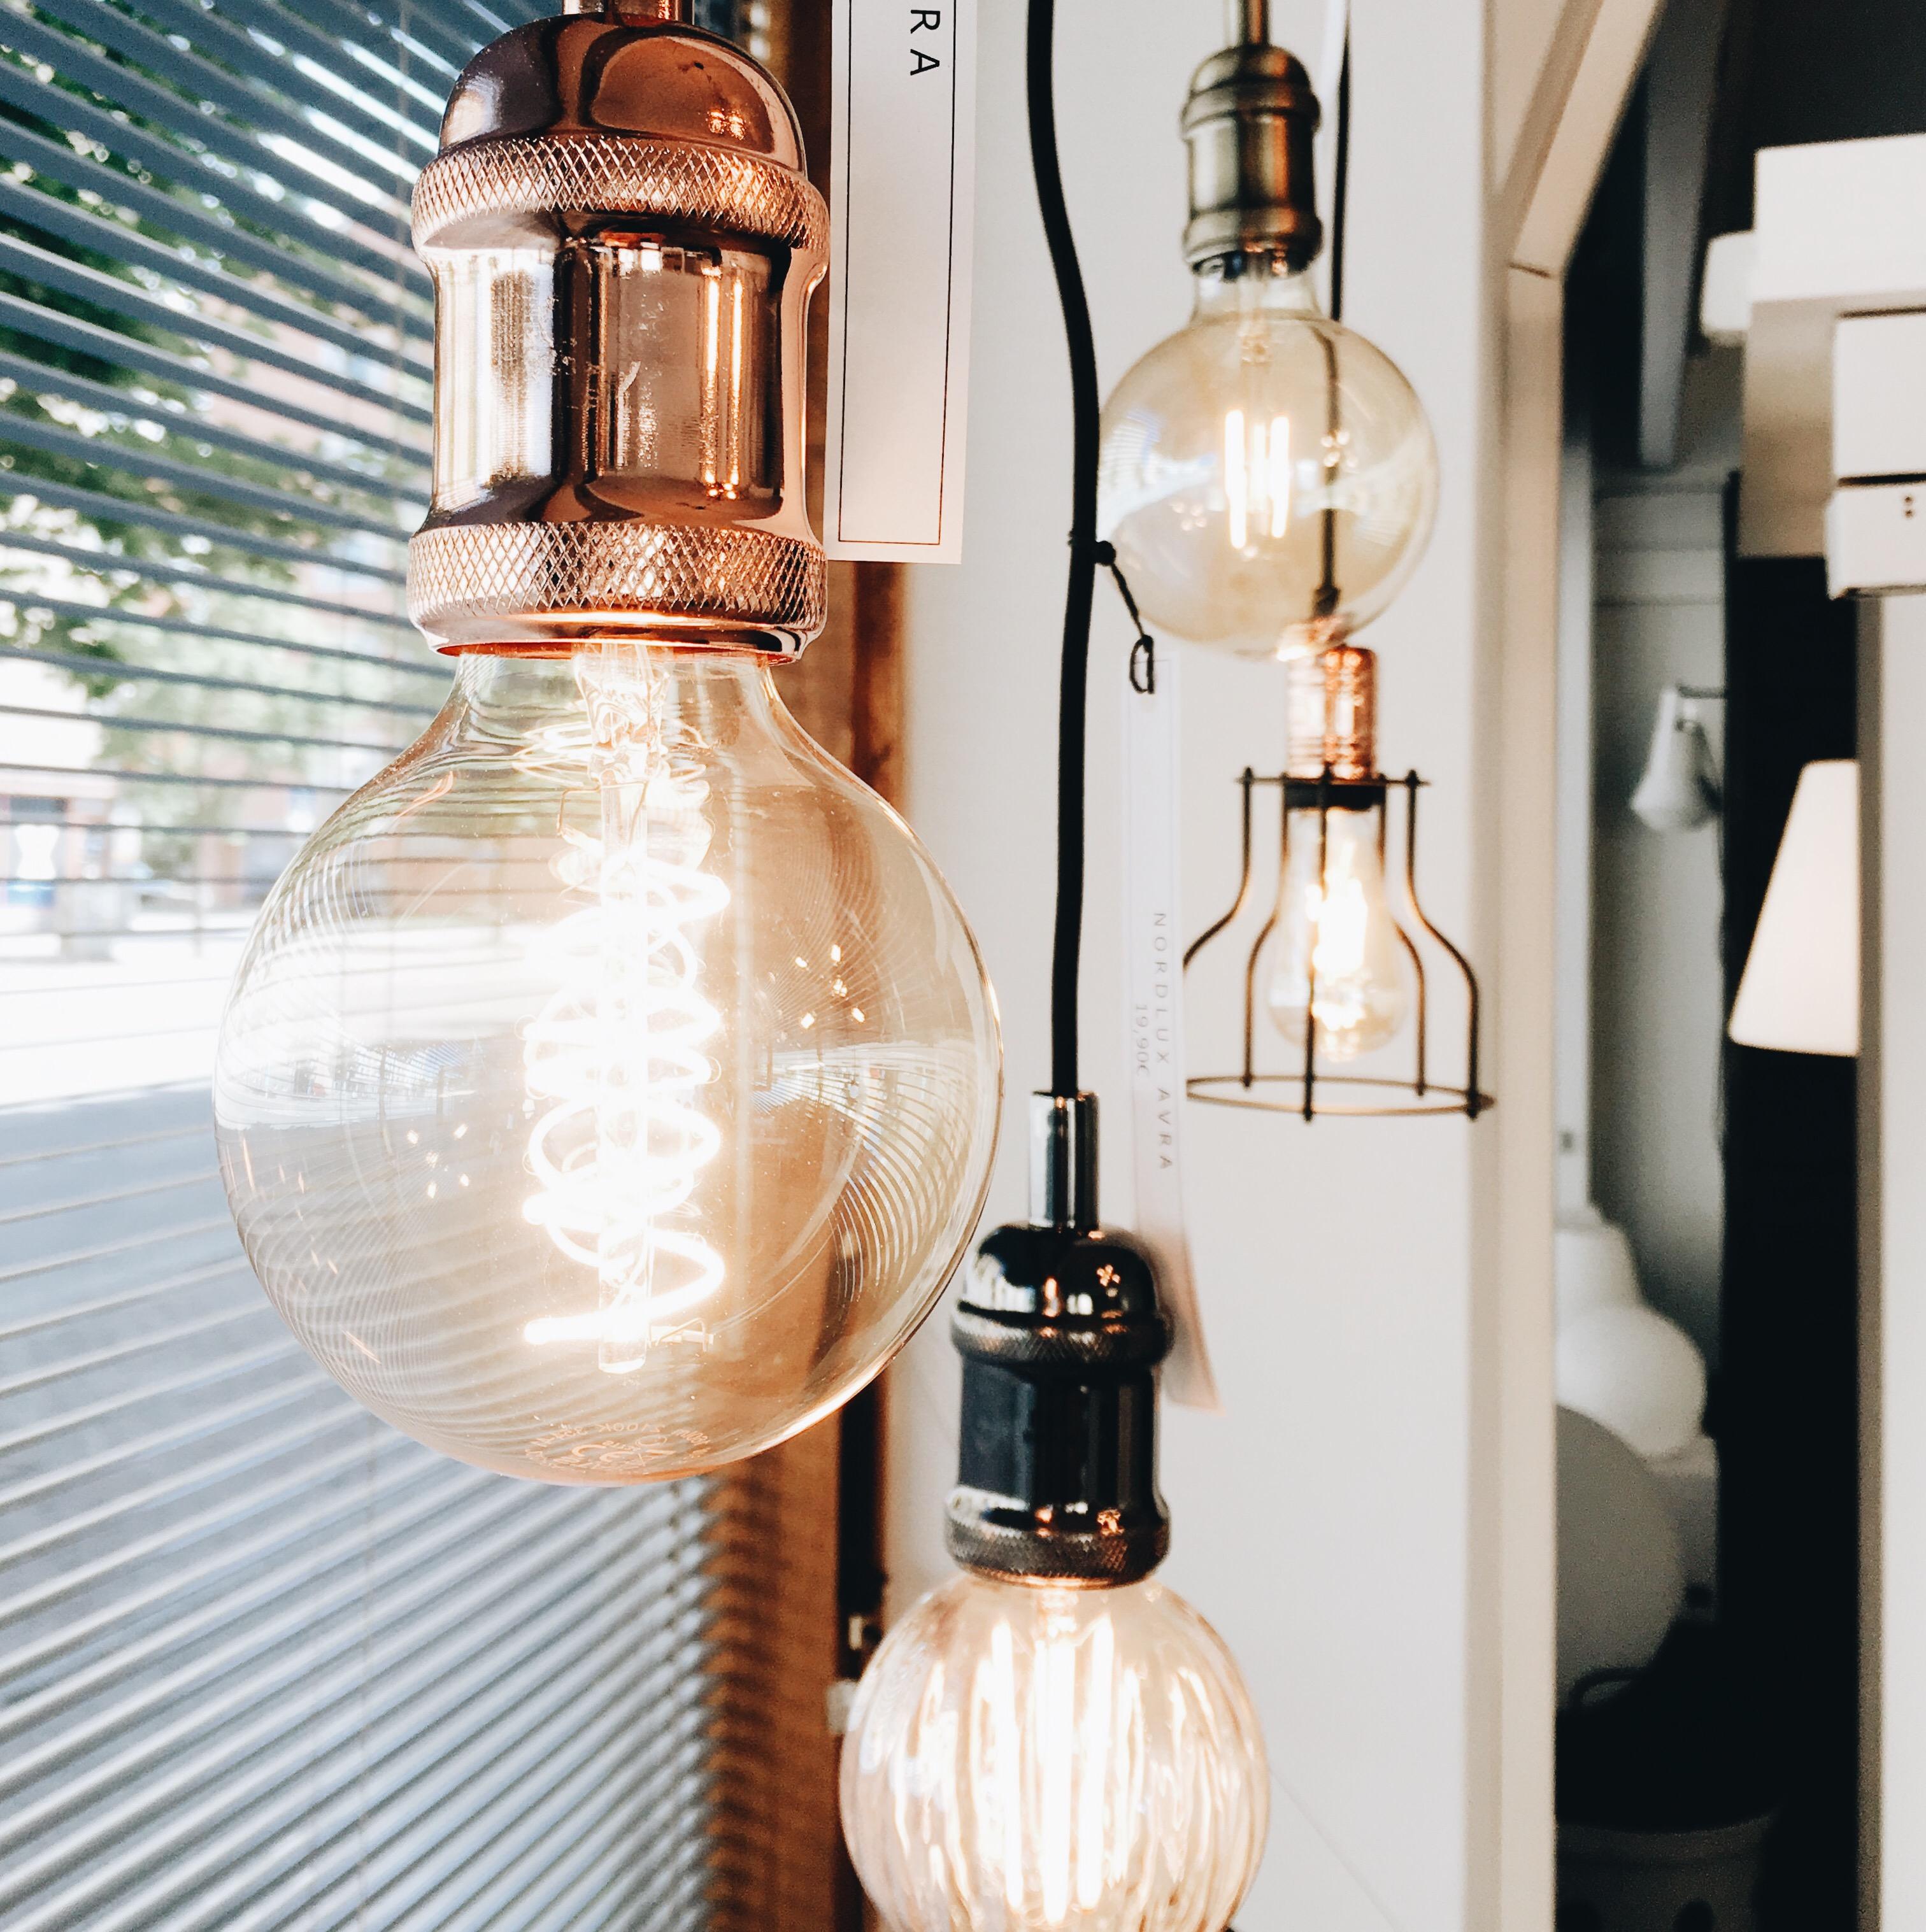 Kodin valaistus kannattaa suunnitella huolella – 5 lyömätöntä vinkkiä kodin valaisuun